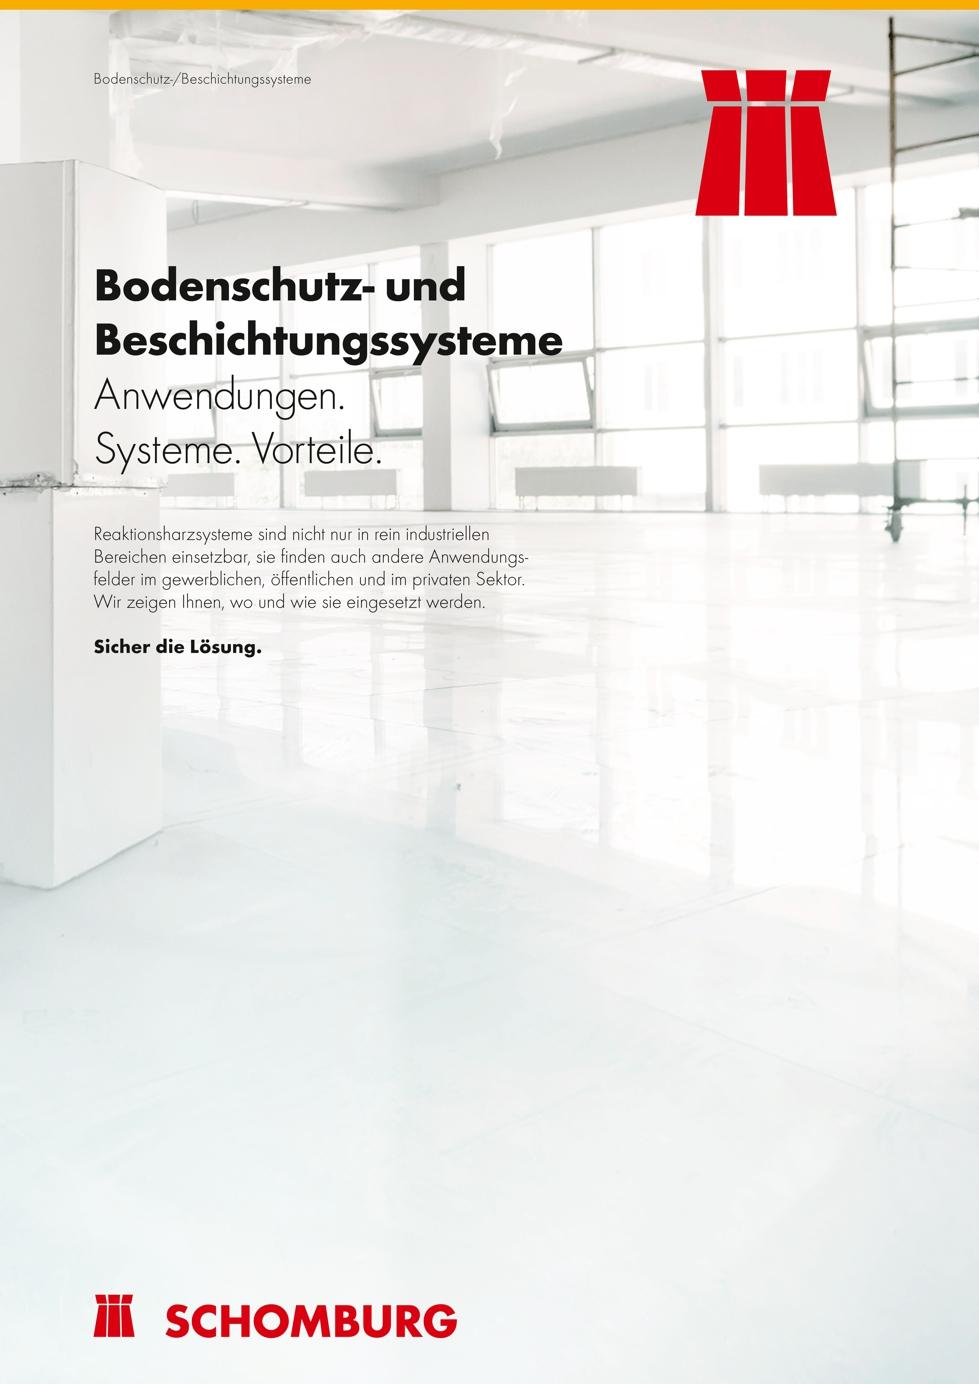 schomburg stellt neue brosch re zum thema bodenschutz. Black Bedroom Furniture Sets. Home Design Ideas